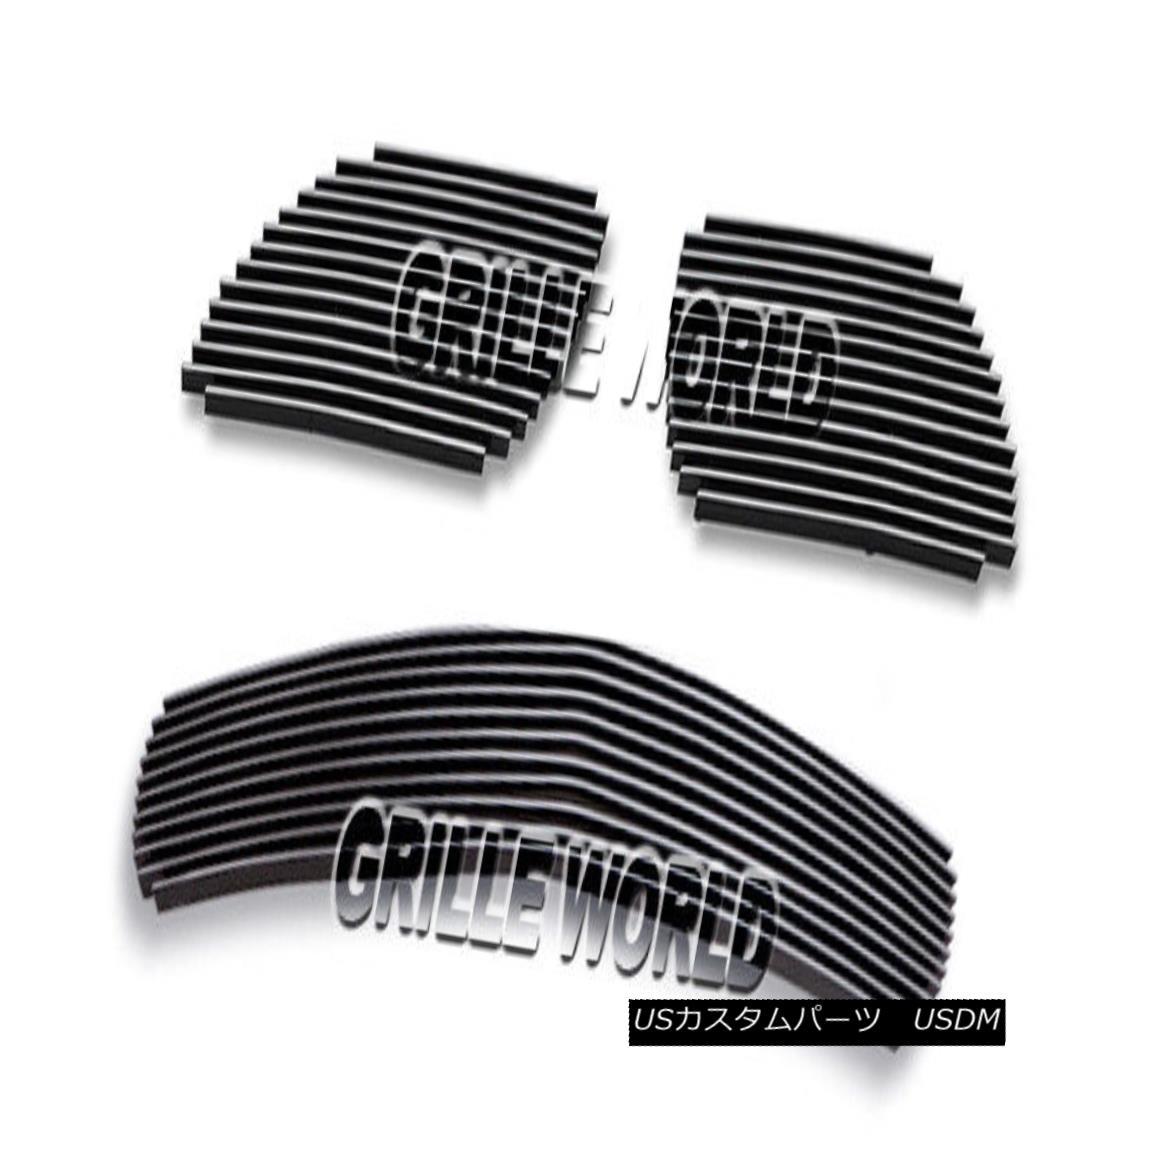 グリル For 04-06 Pontiac GTO Billet Premium Grille Grill Combo Insert 04-06ポンティアックGTOビレットプレミアムグリルグリルコンボインサート